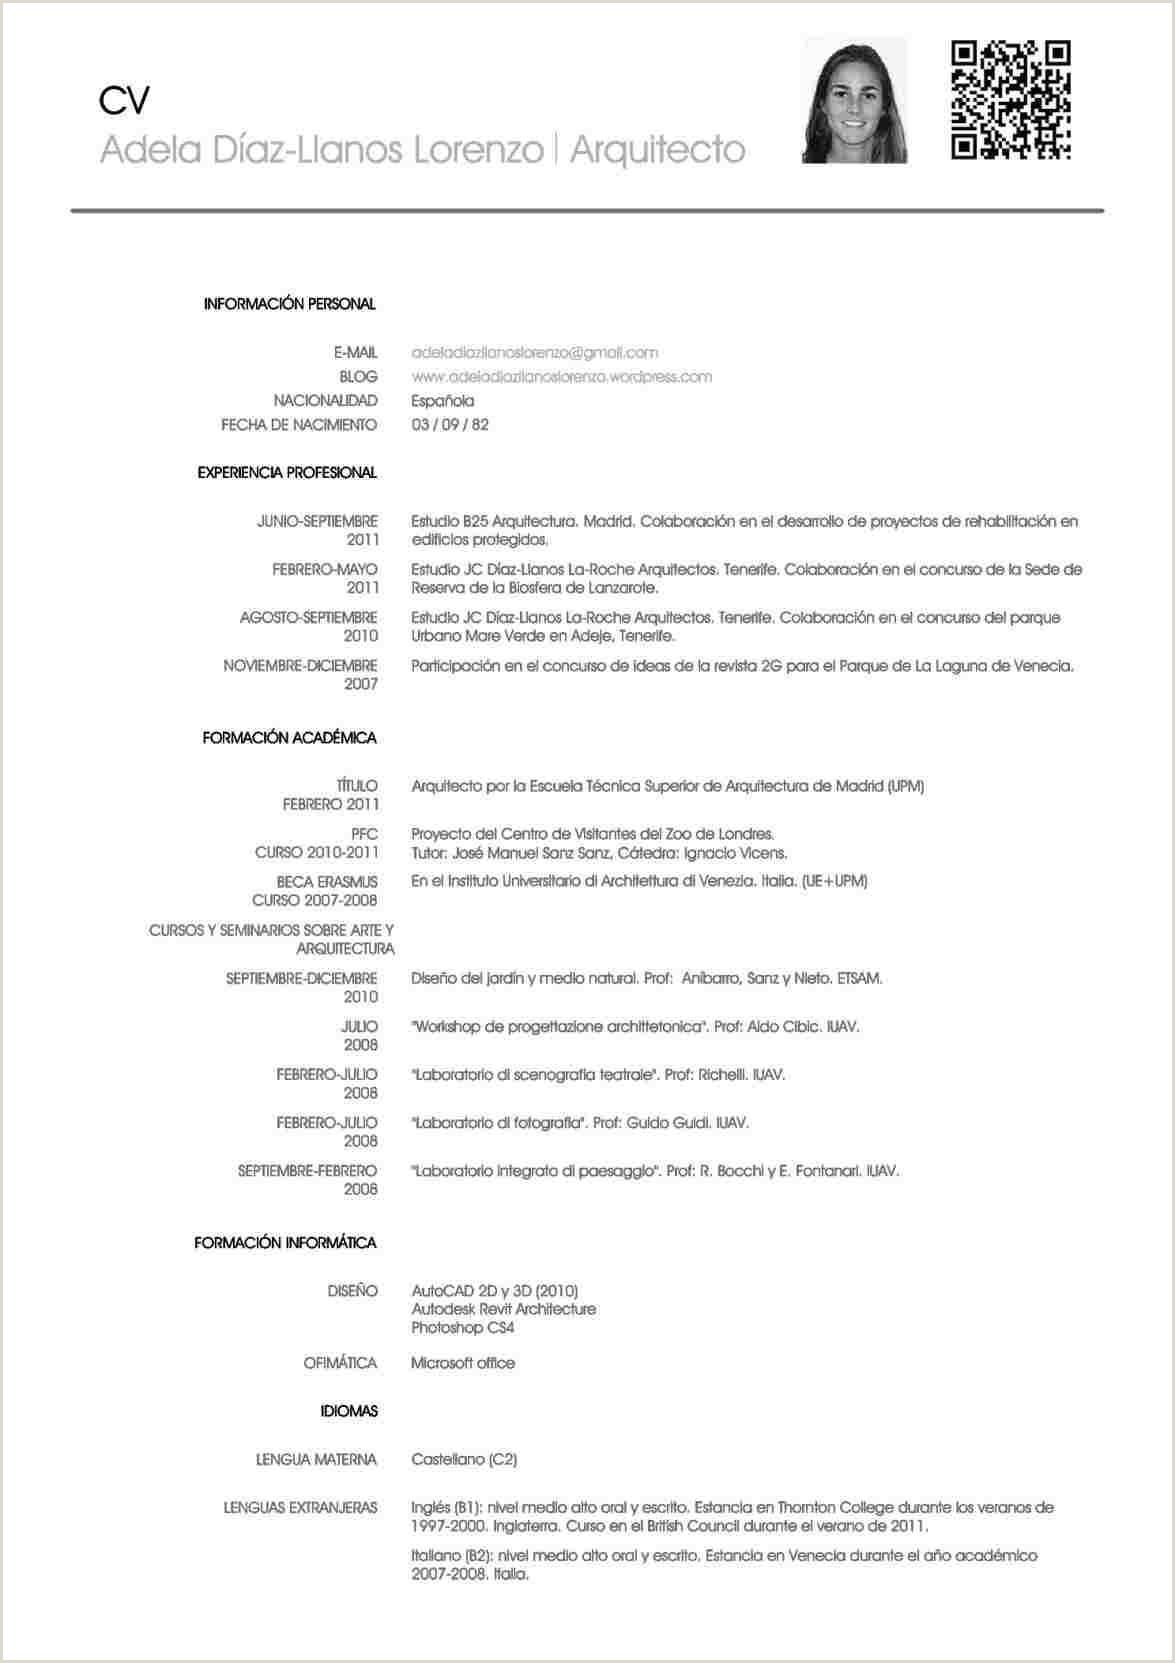 Curriculum Vitae formato Word Para Rellenar Gratis En Español Descargar Plantillas Para Curriculum Vitae Gratis En Espa±ol